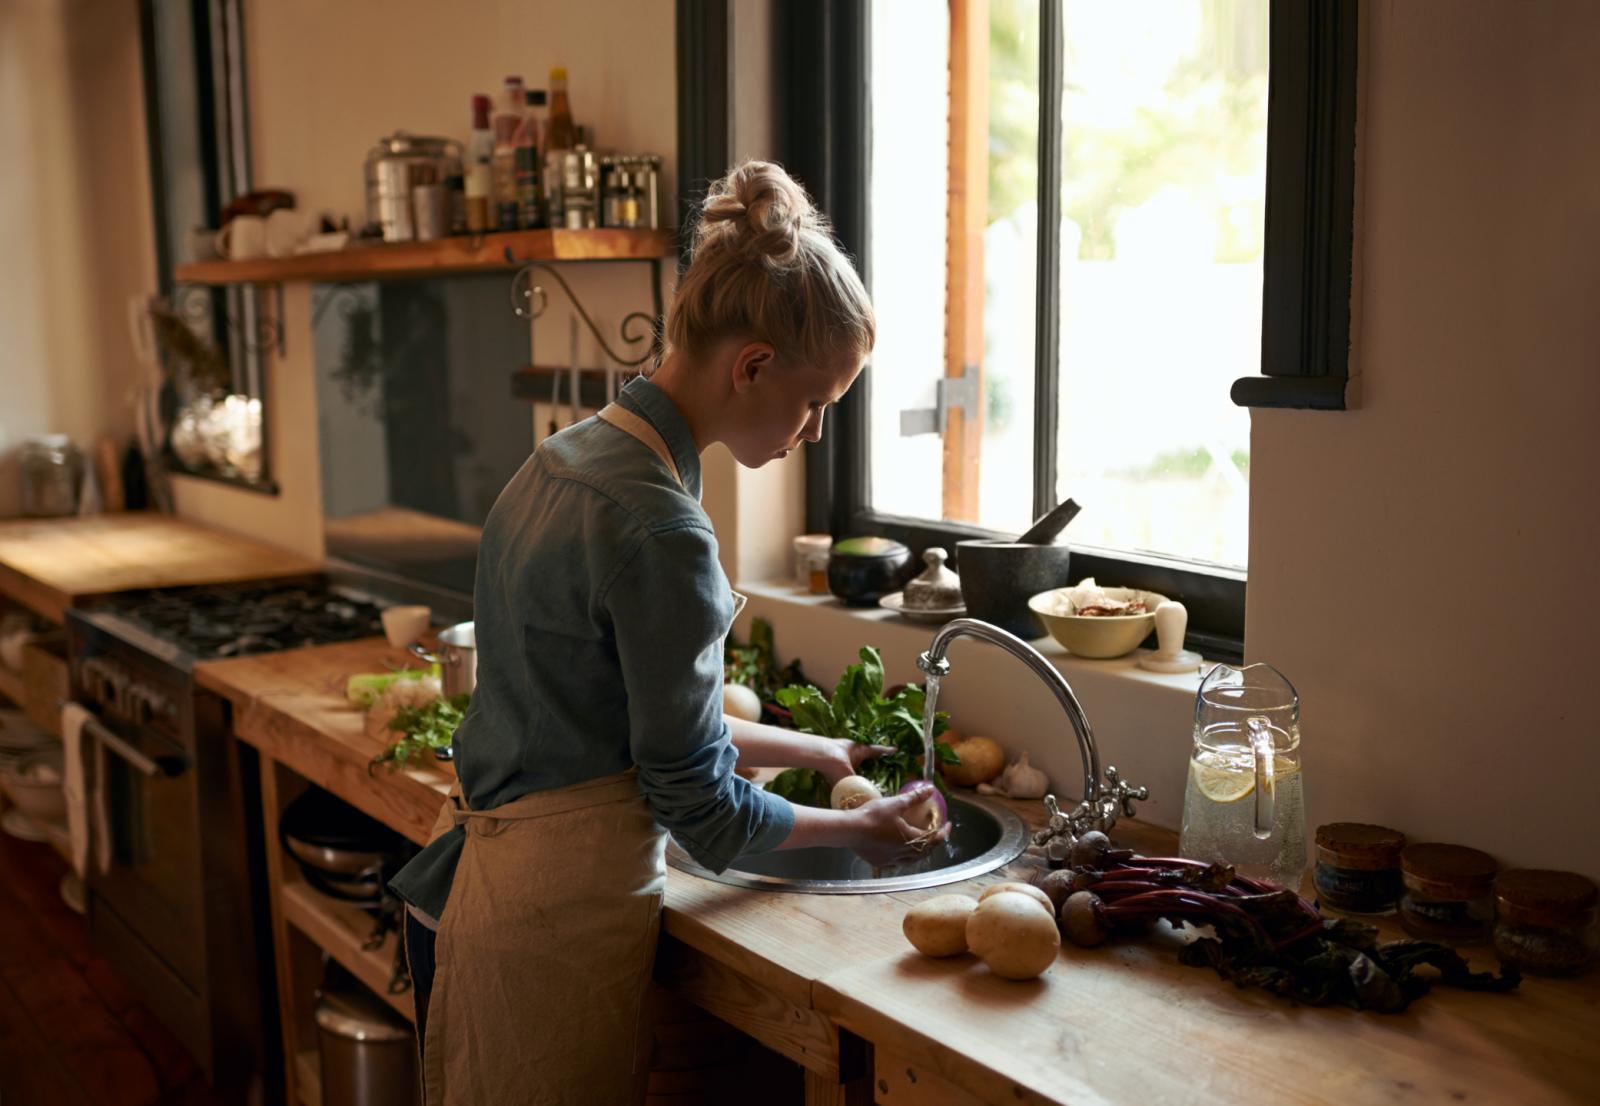 Za osobe koje imaju zdravstvenih problema s bubrezima preporučuje se tri puta u tjednu jesti vegetarijansku prehranu koristeći dozvoljene namirnice.